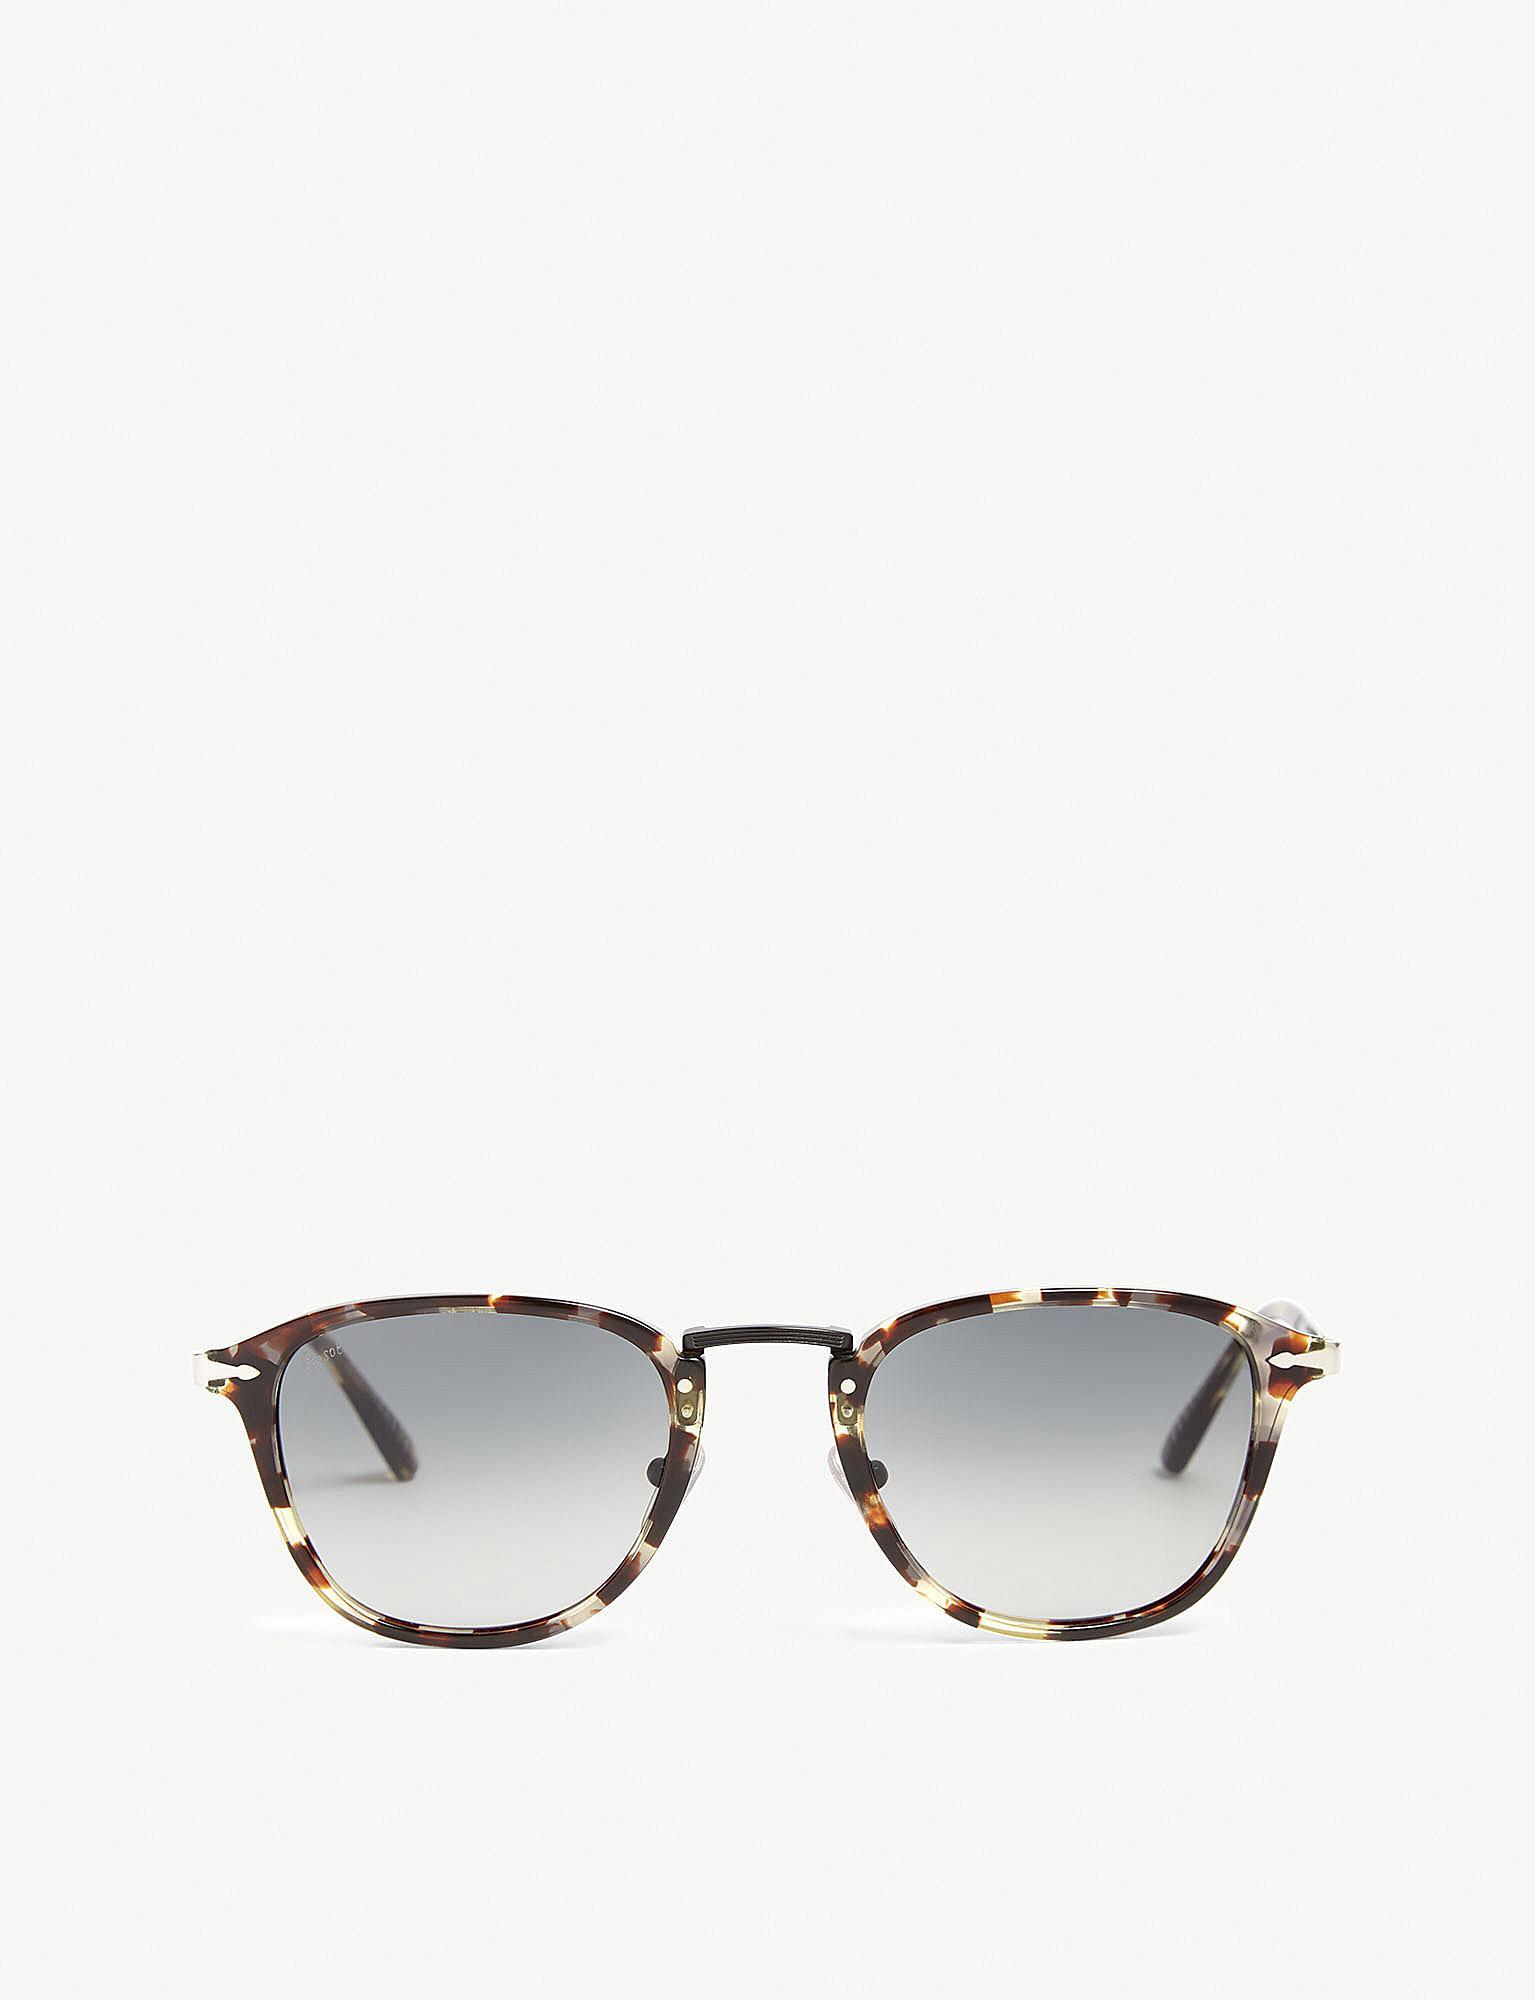 1e55a910fb Lyst - Persol Po3186s Havana Acetate Square Sunglasses in Gray